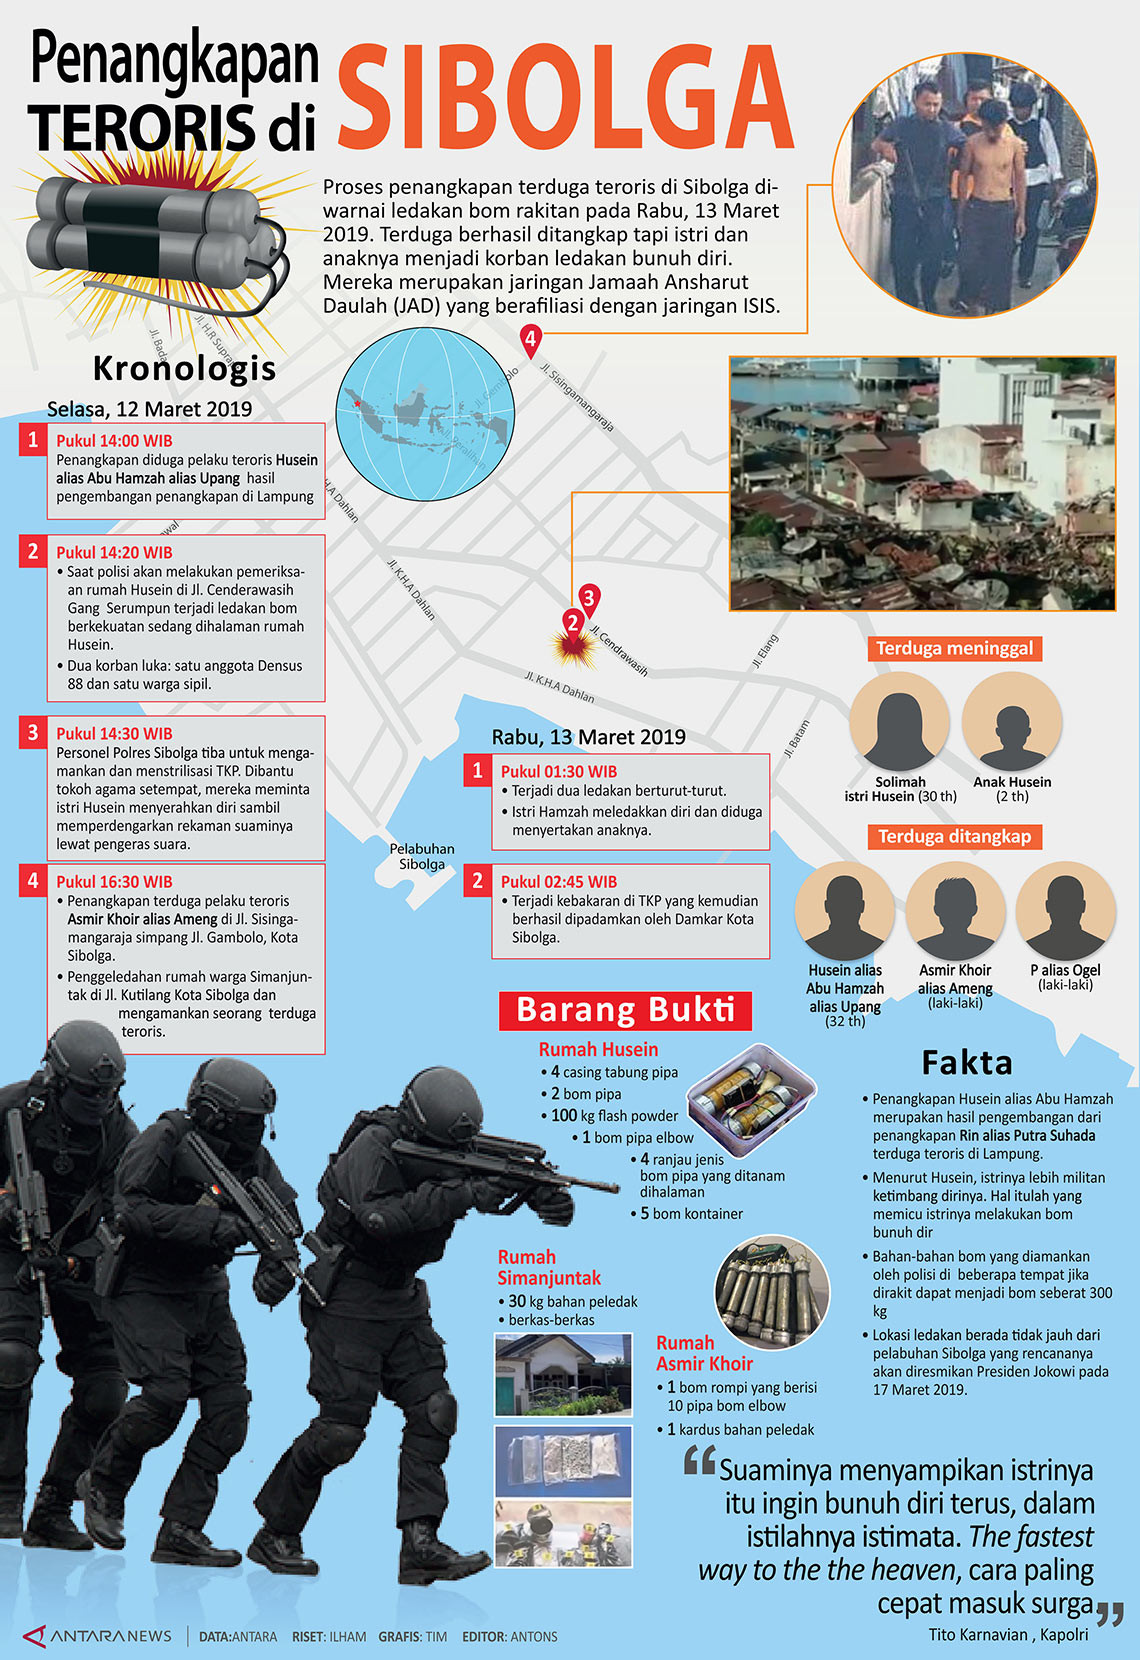 Penangkapan Teroris di Sibolga